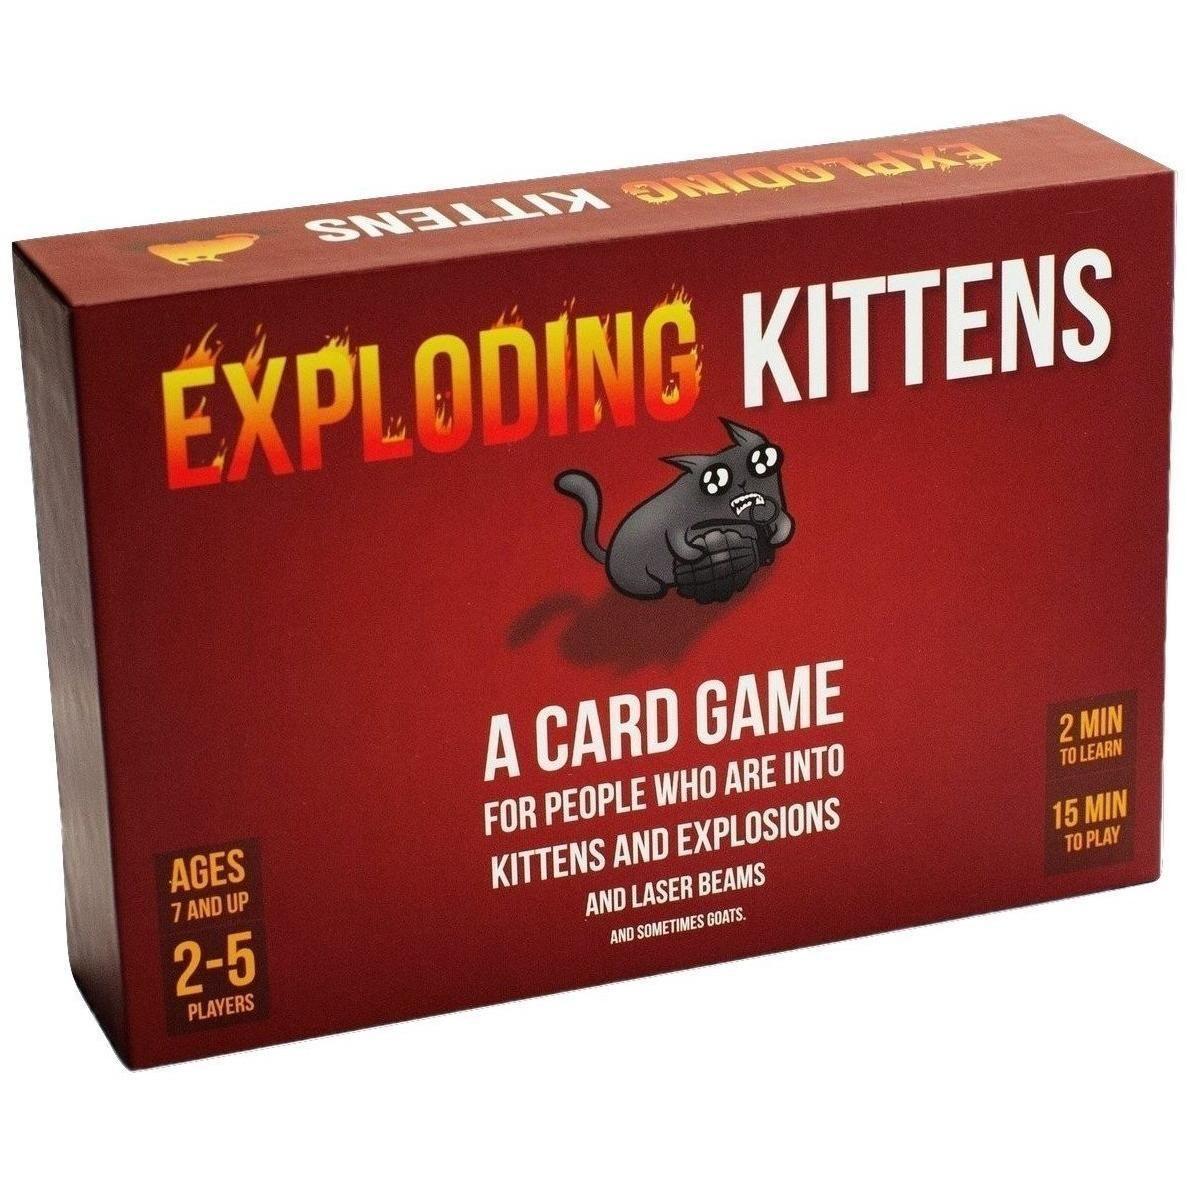 Exploding kittens game exploding kittens card game